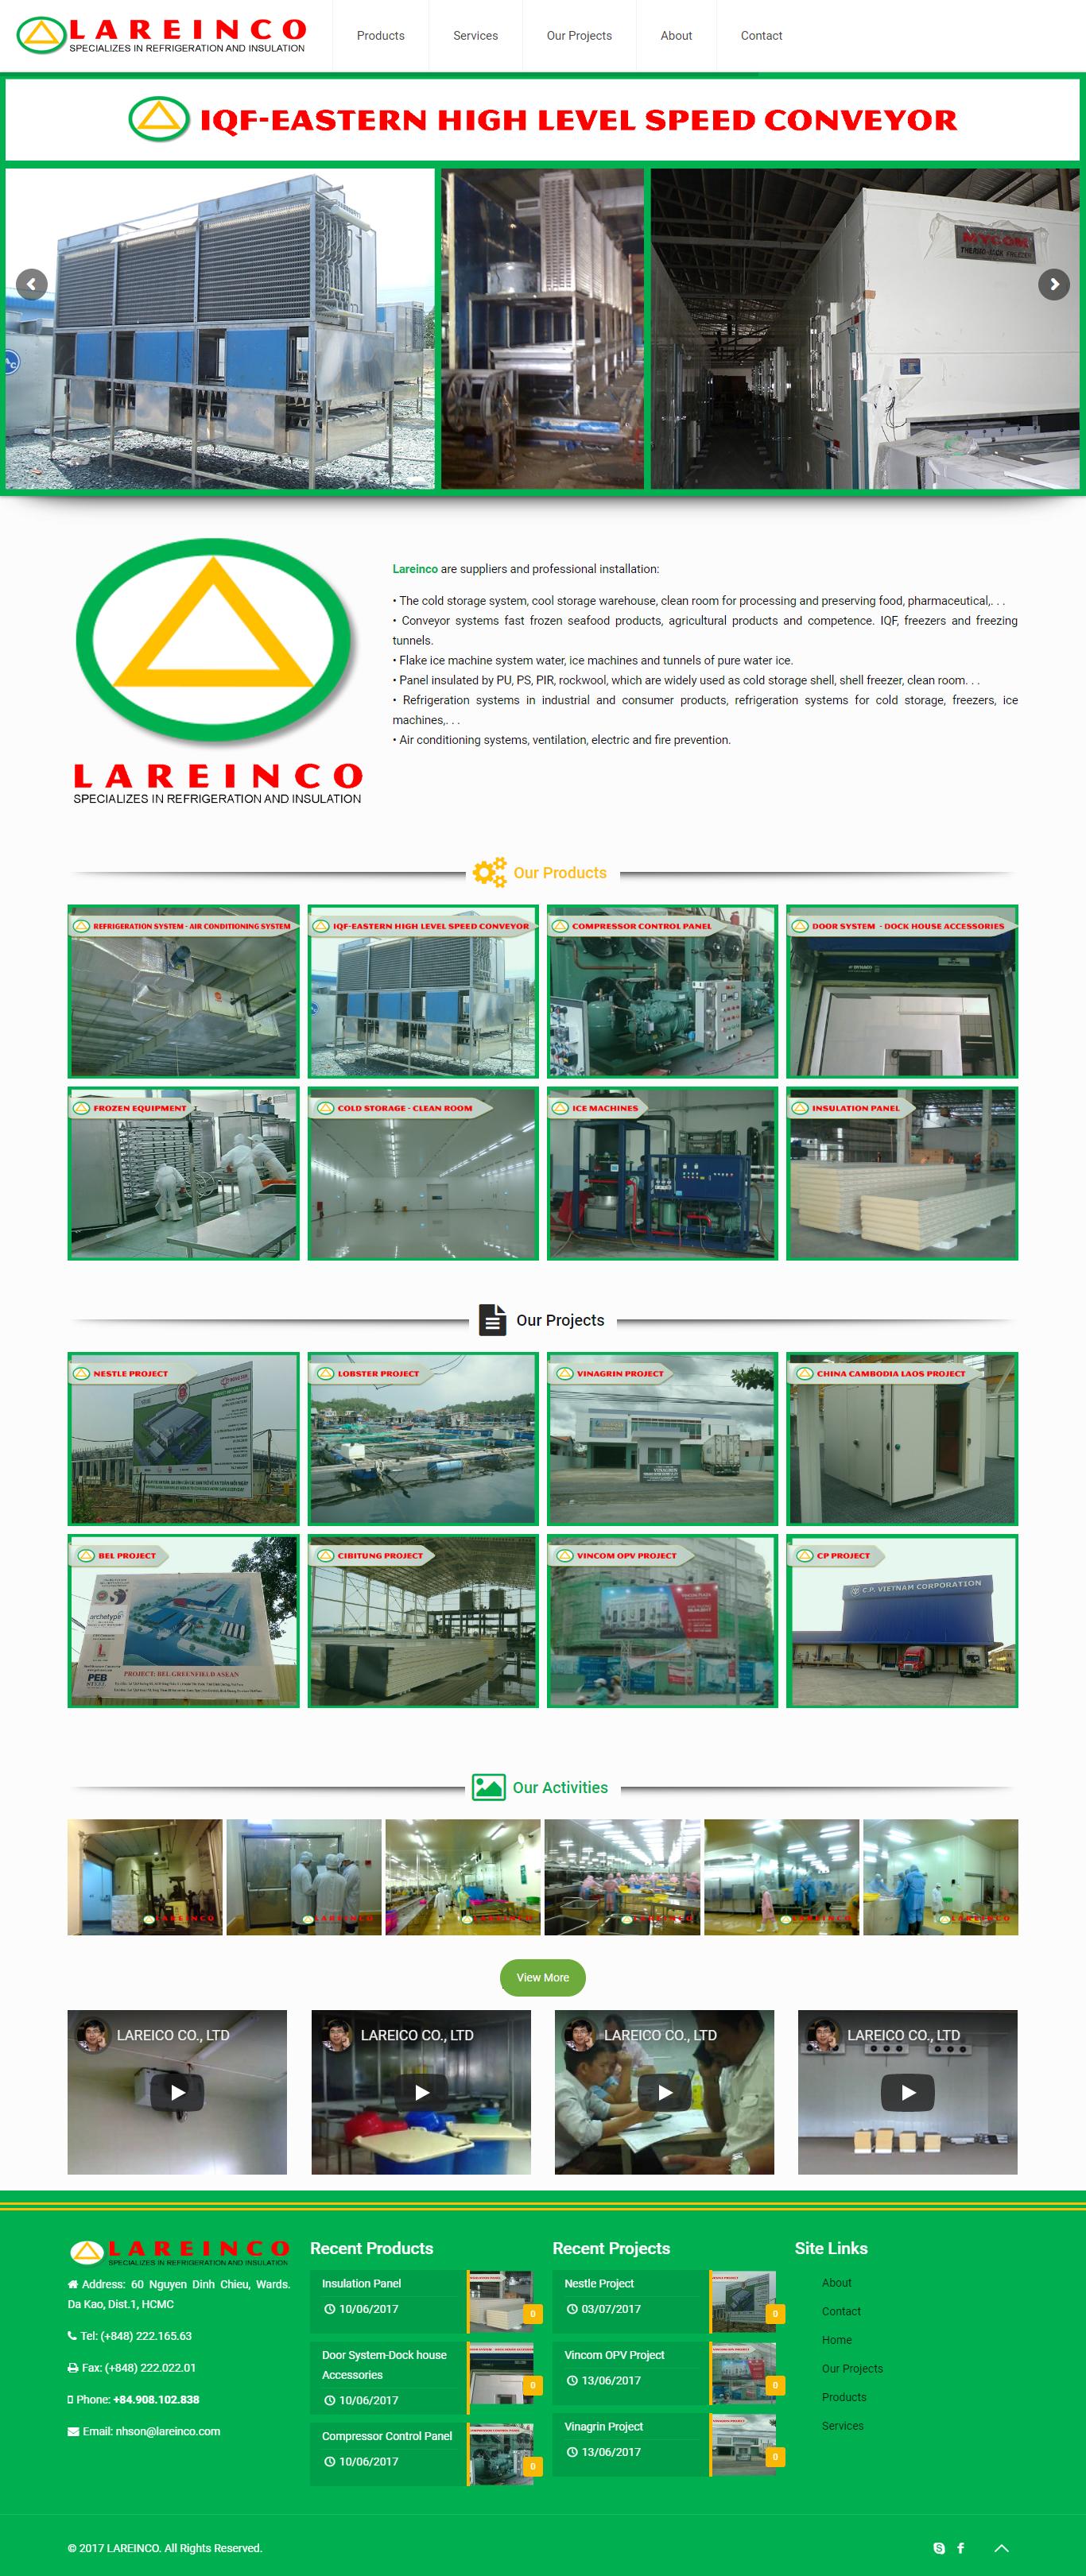 Lareinco.com